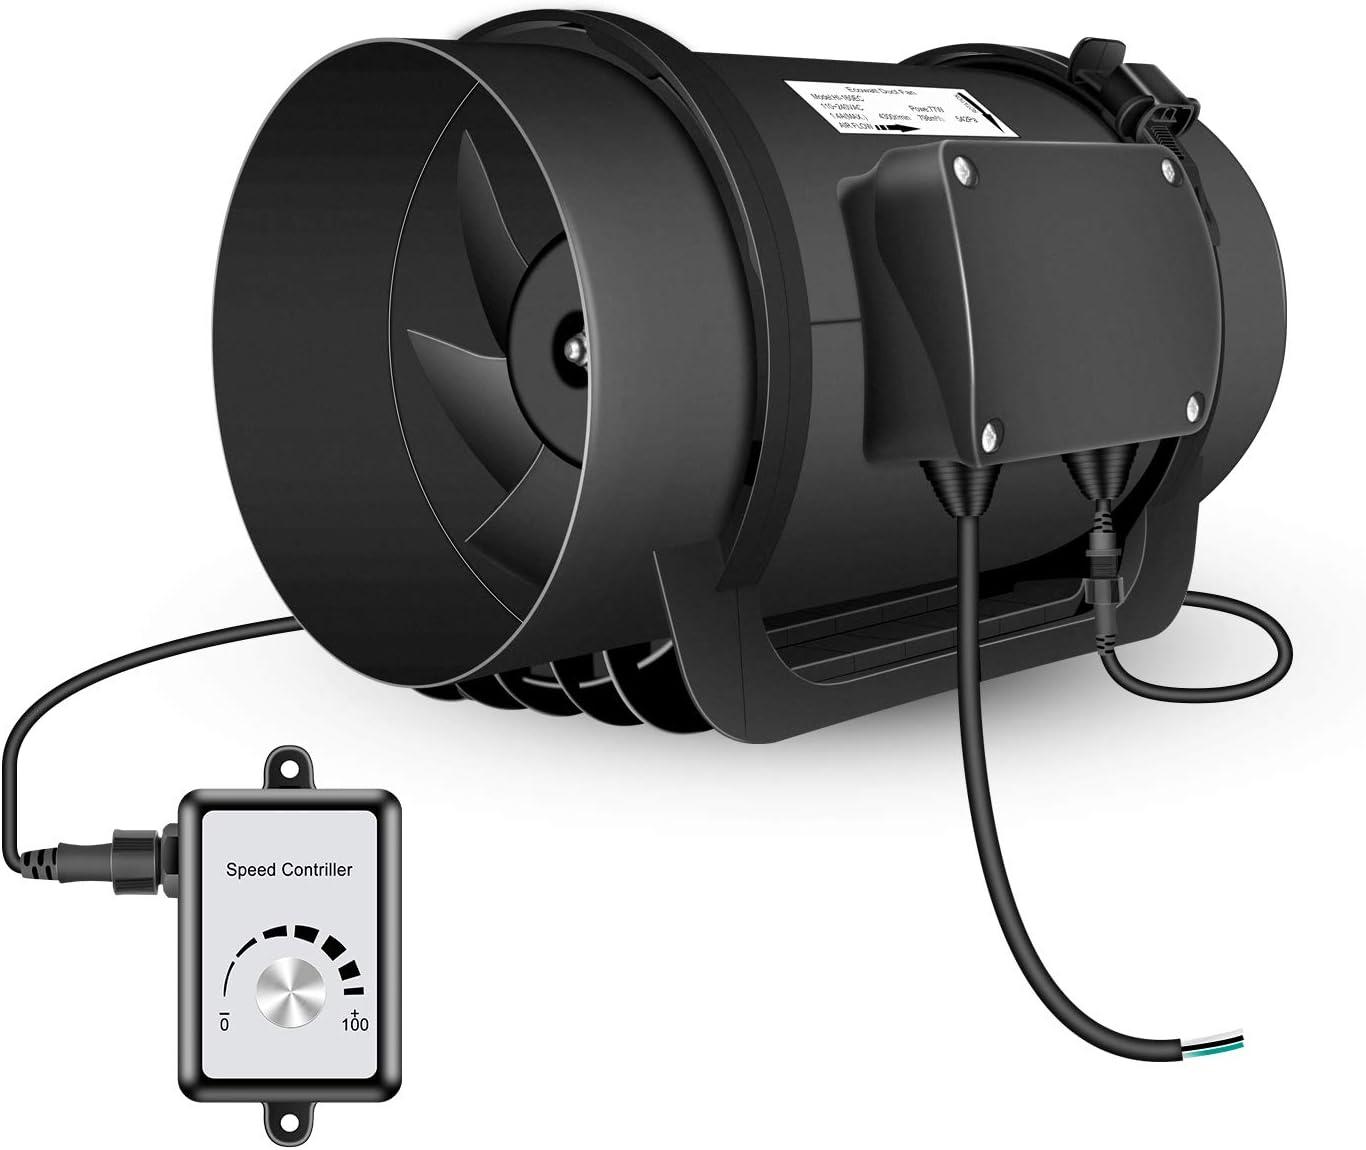 VEVOR Ventilador Axial 120W Ventilador Industrial Extractor 2600Rpm Extractor de Ventilaci/ón Ventilador de Escape con Controlador de Velocidad